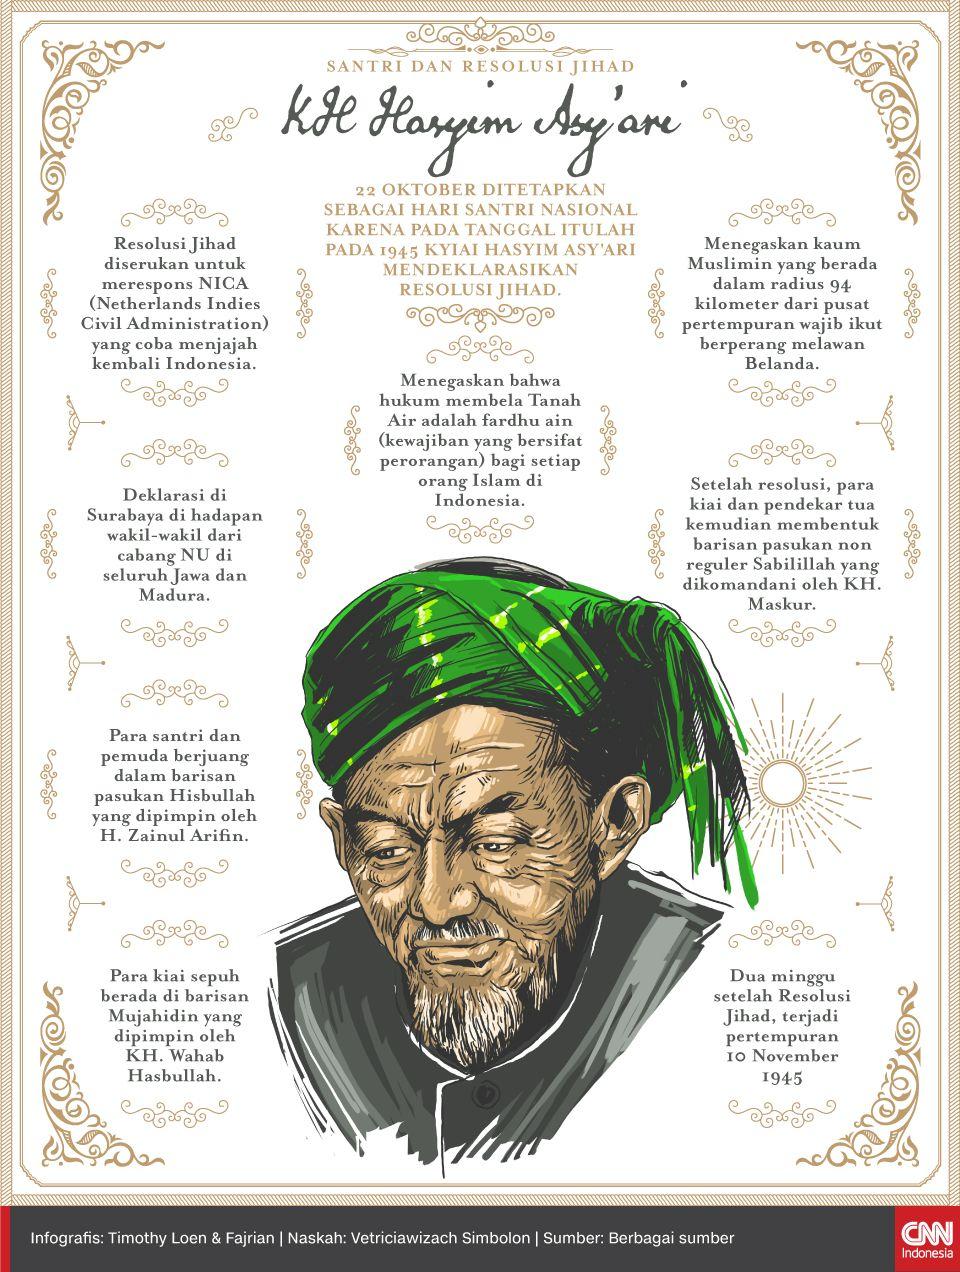 Infografis Santri dan Resolusi Jihad KH Hasyim Asy'ari